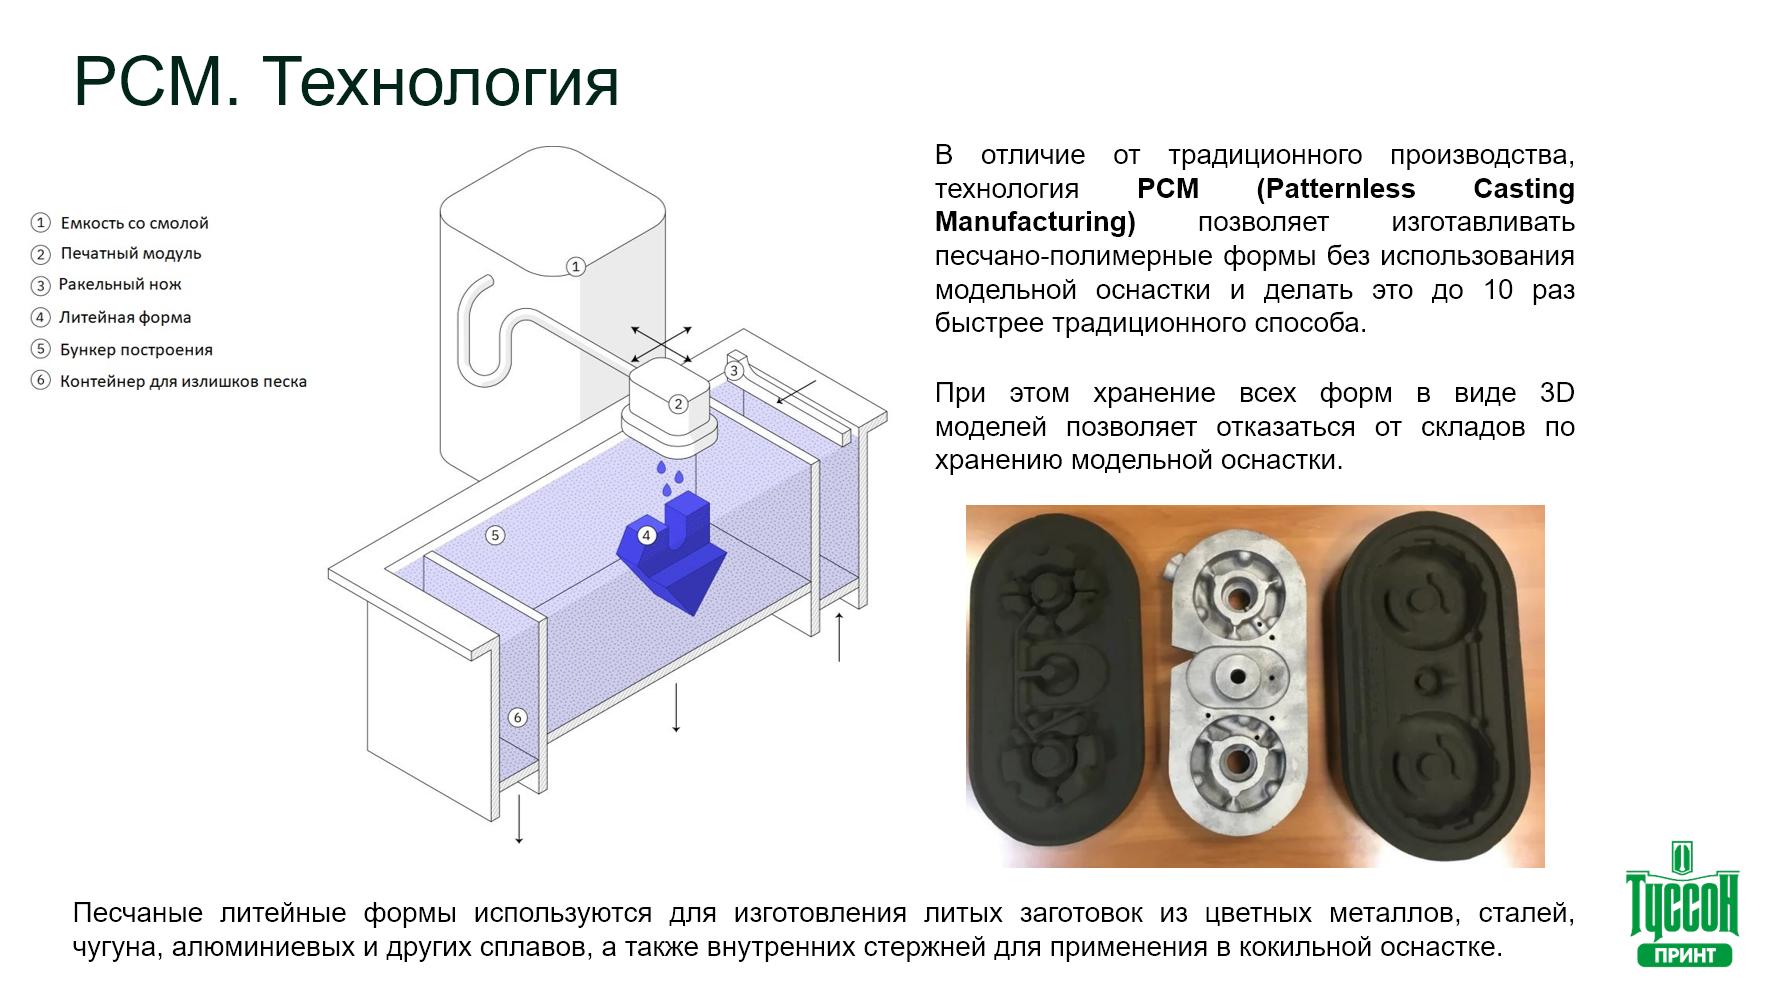 Как устроена технология 3D-печати песчаных форм для литья - PCM (Patternless Casting Manufacturing)